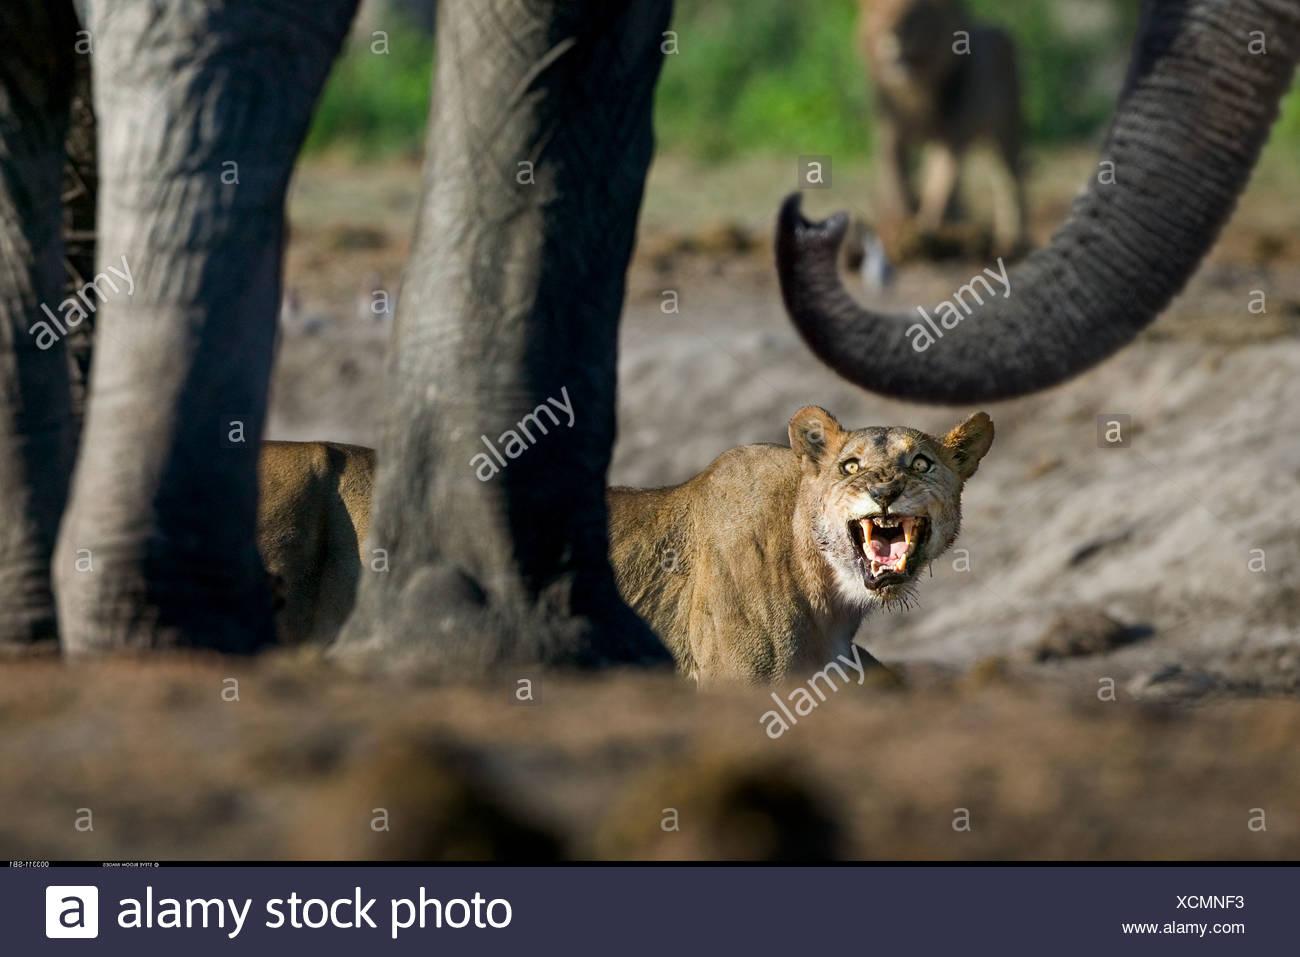 Konfrontation zwischen Löwin und Elefant am Wasserloch Savuti Botswana Stockfoto